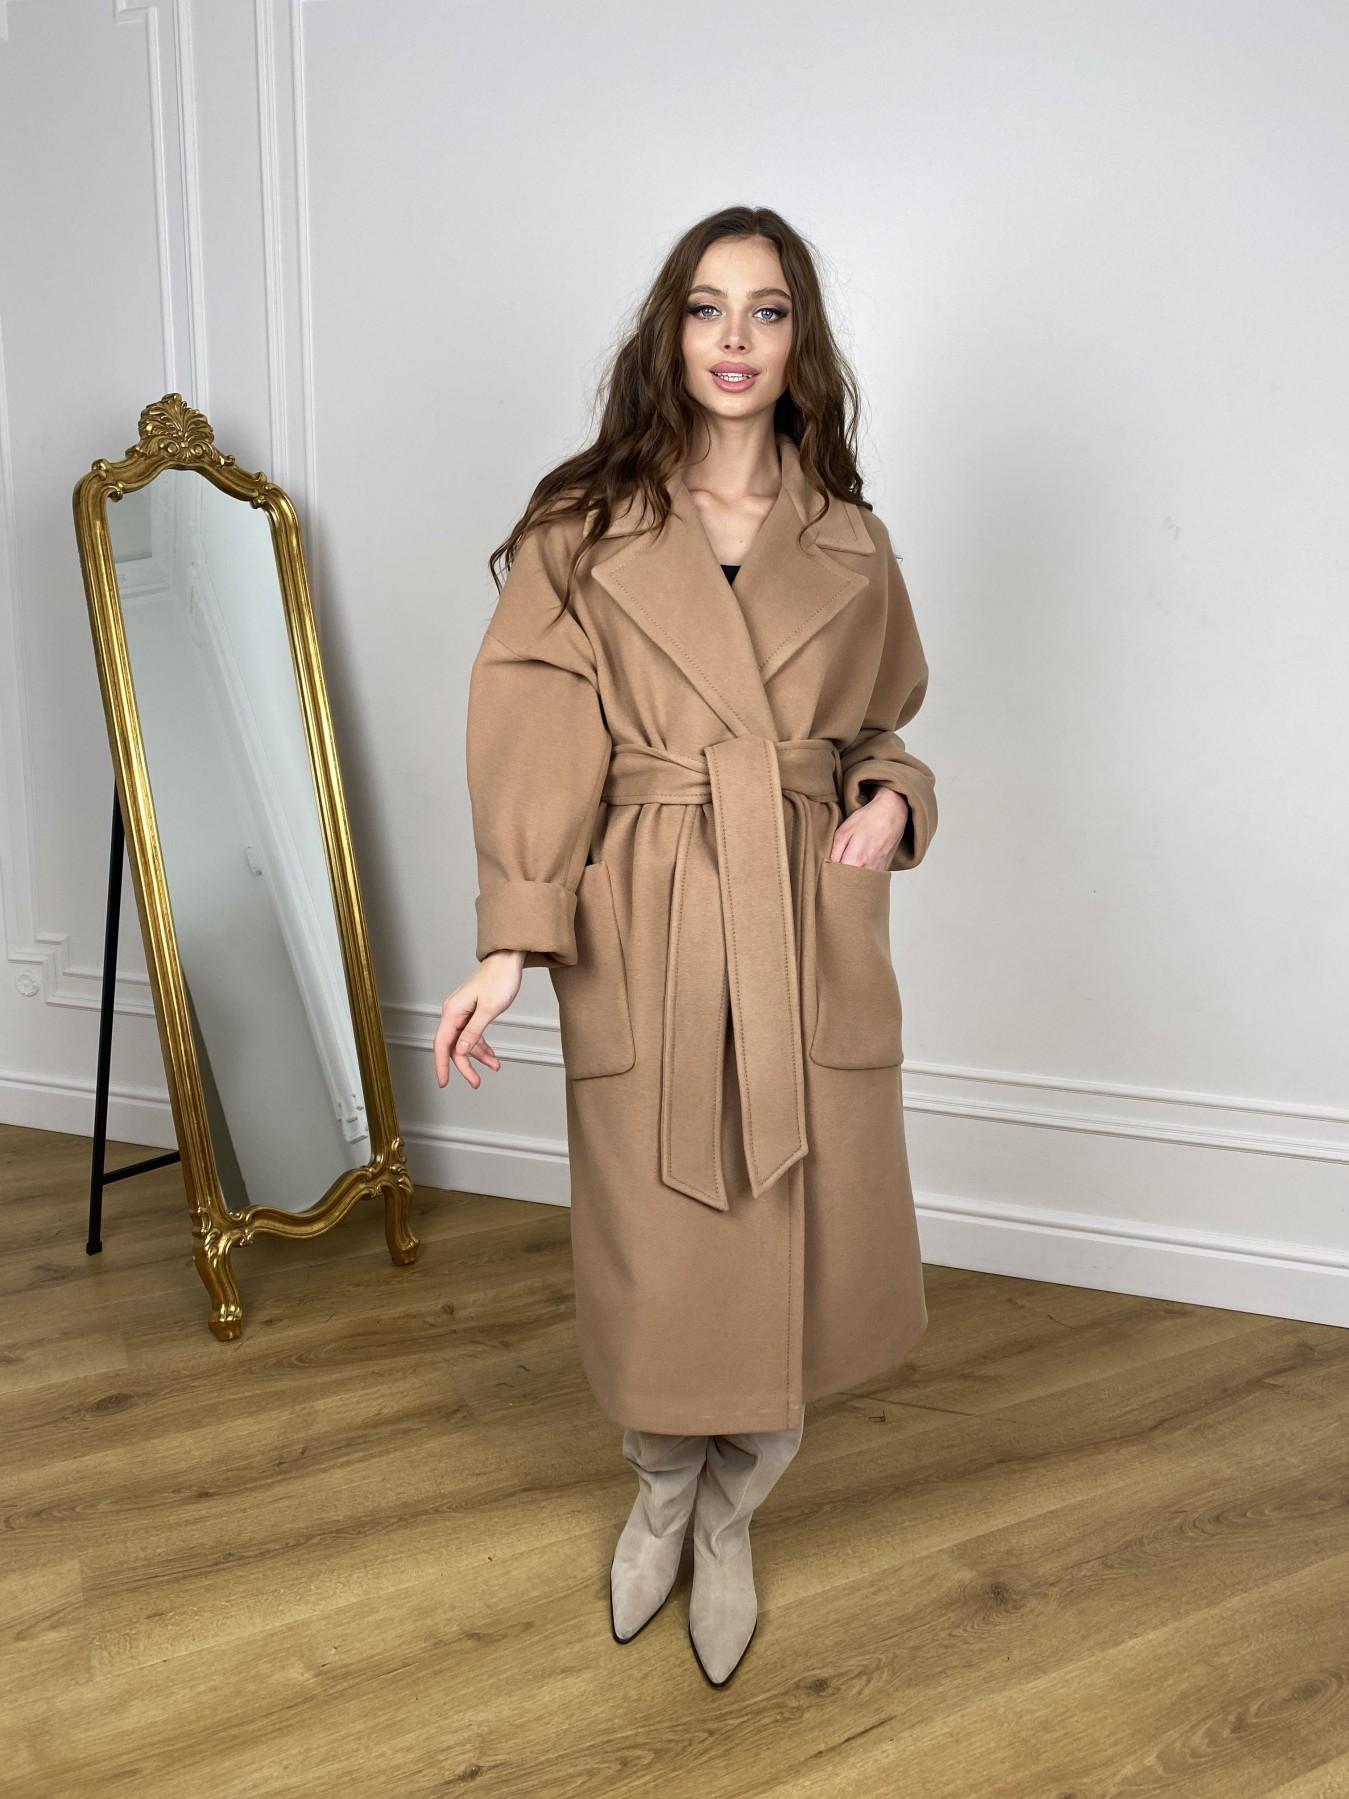 Кейт  пальто из кашемира 10539 АРТ. 46894 Цвет: Кемел - фото 2, интернет магазин tm-modus.ru